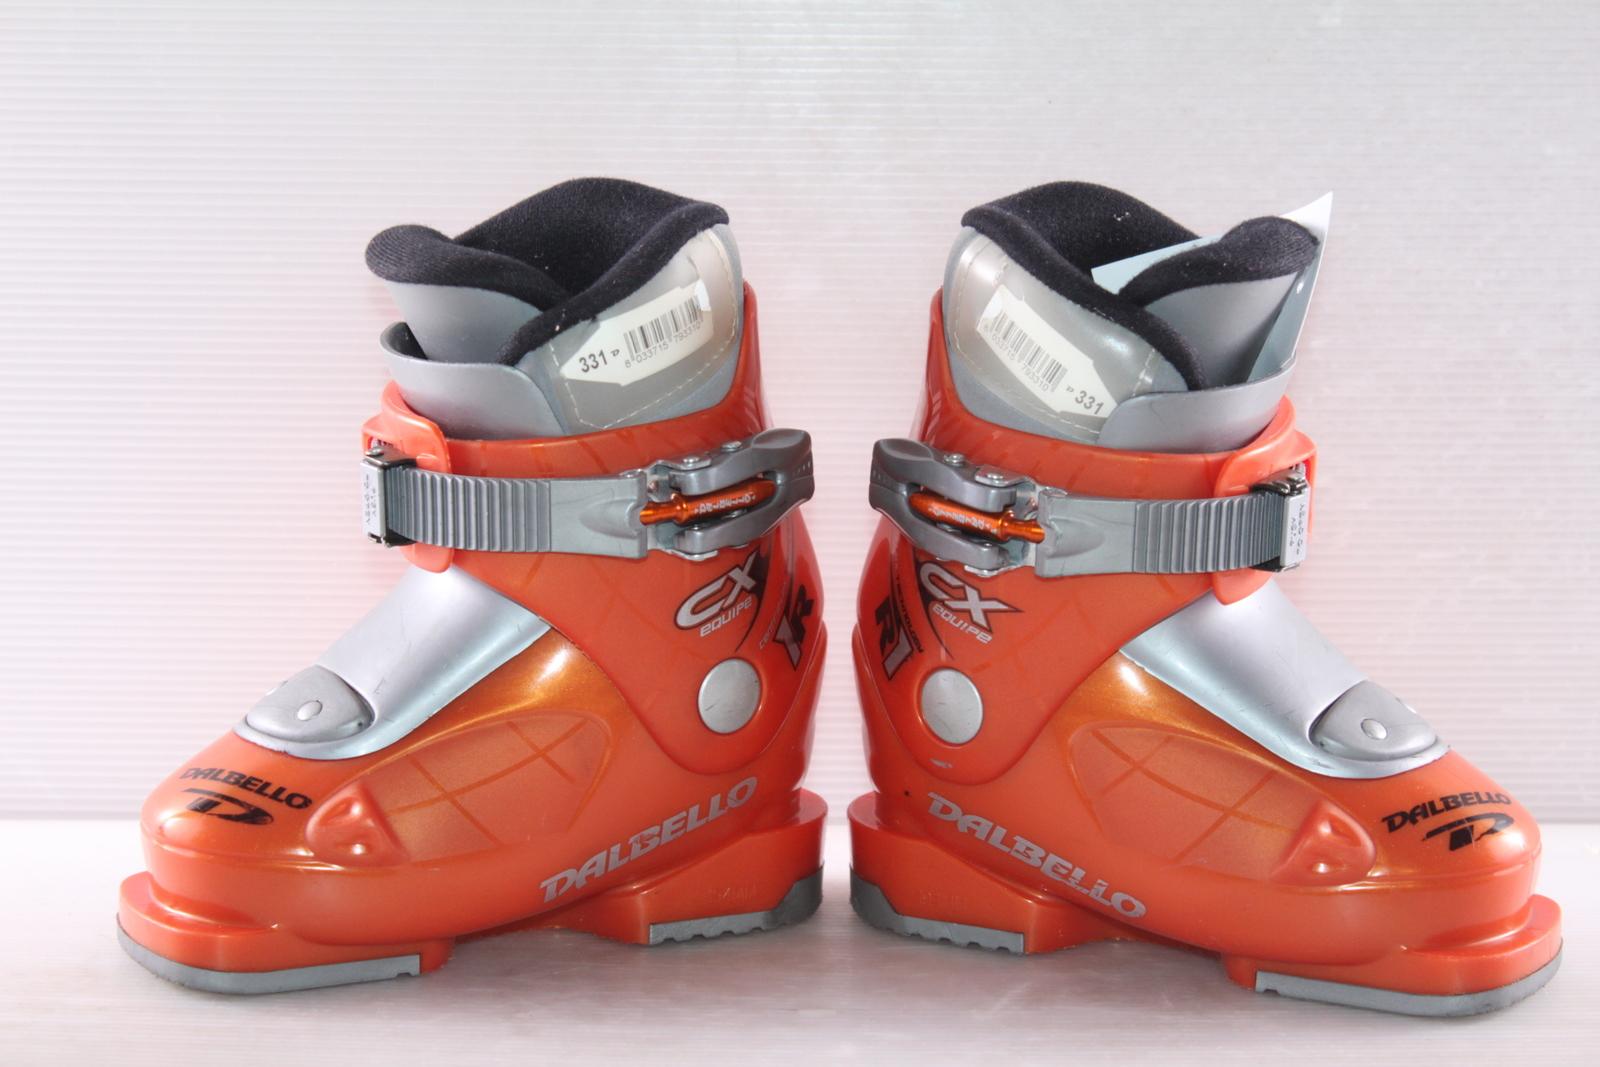 Dětské lyžáky Dalbello CX Equipe R1 vel. EU25